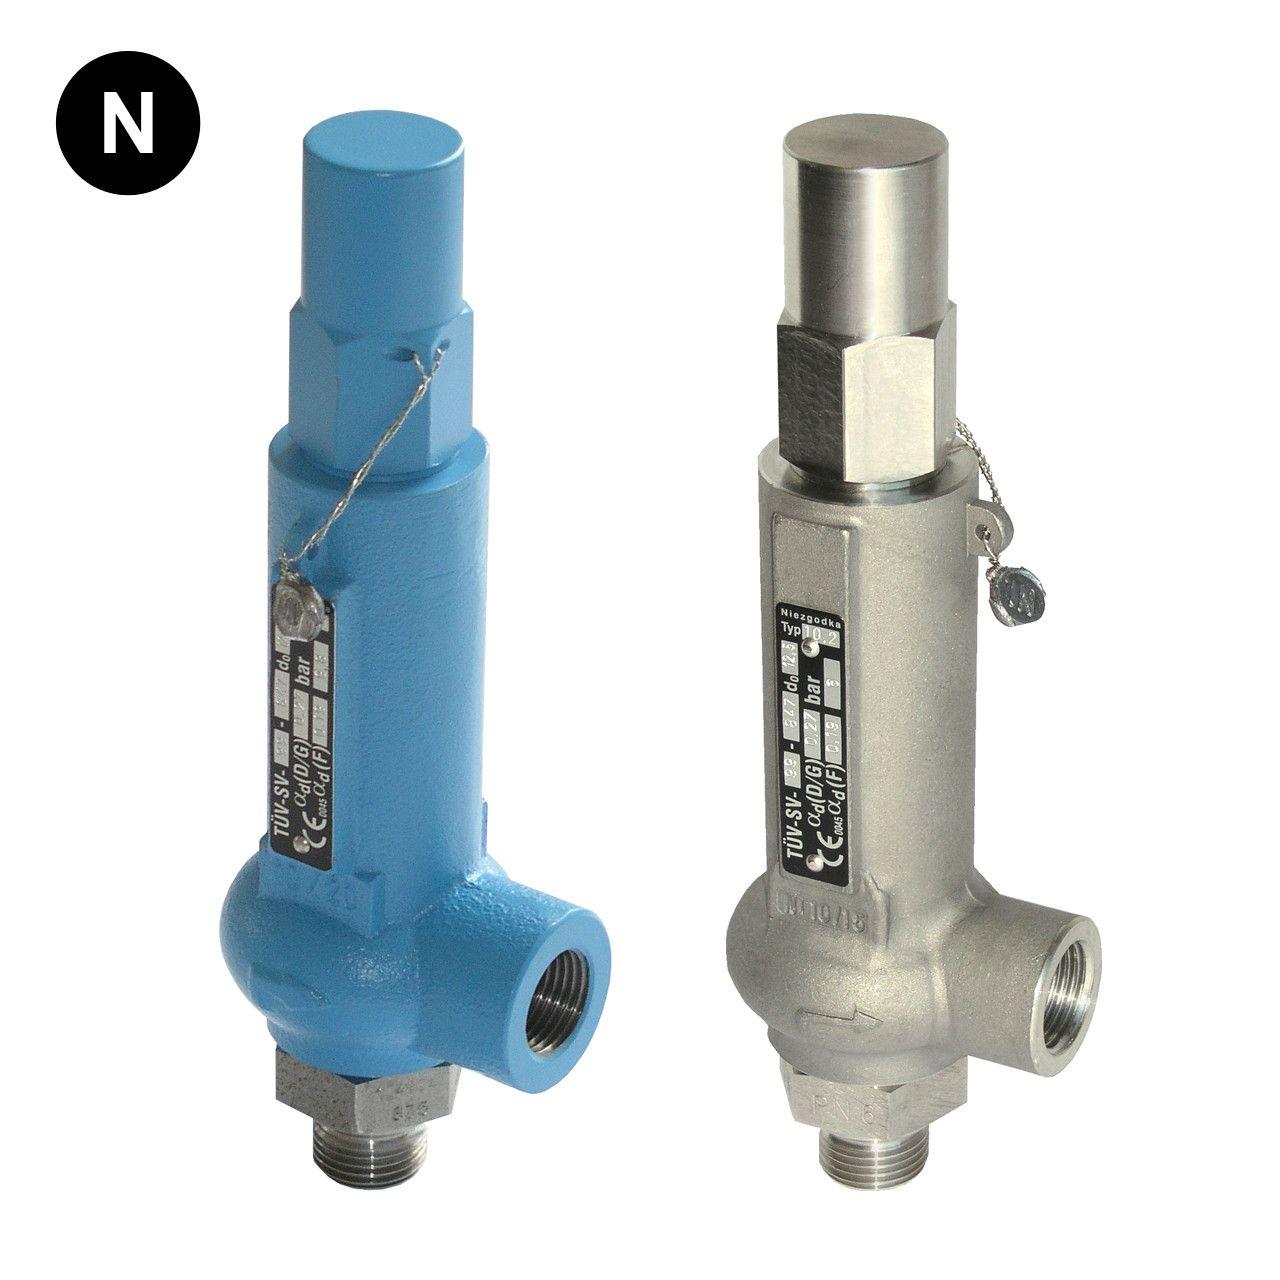 Niezgodka type 10 safety valve in 2020 safety valve